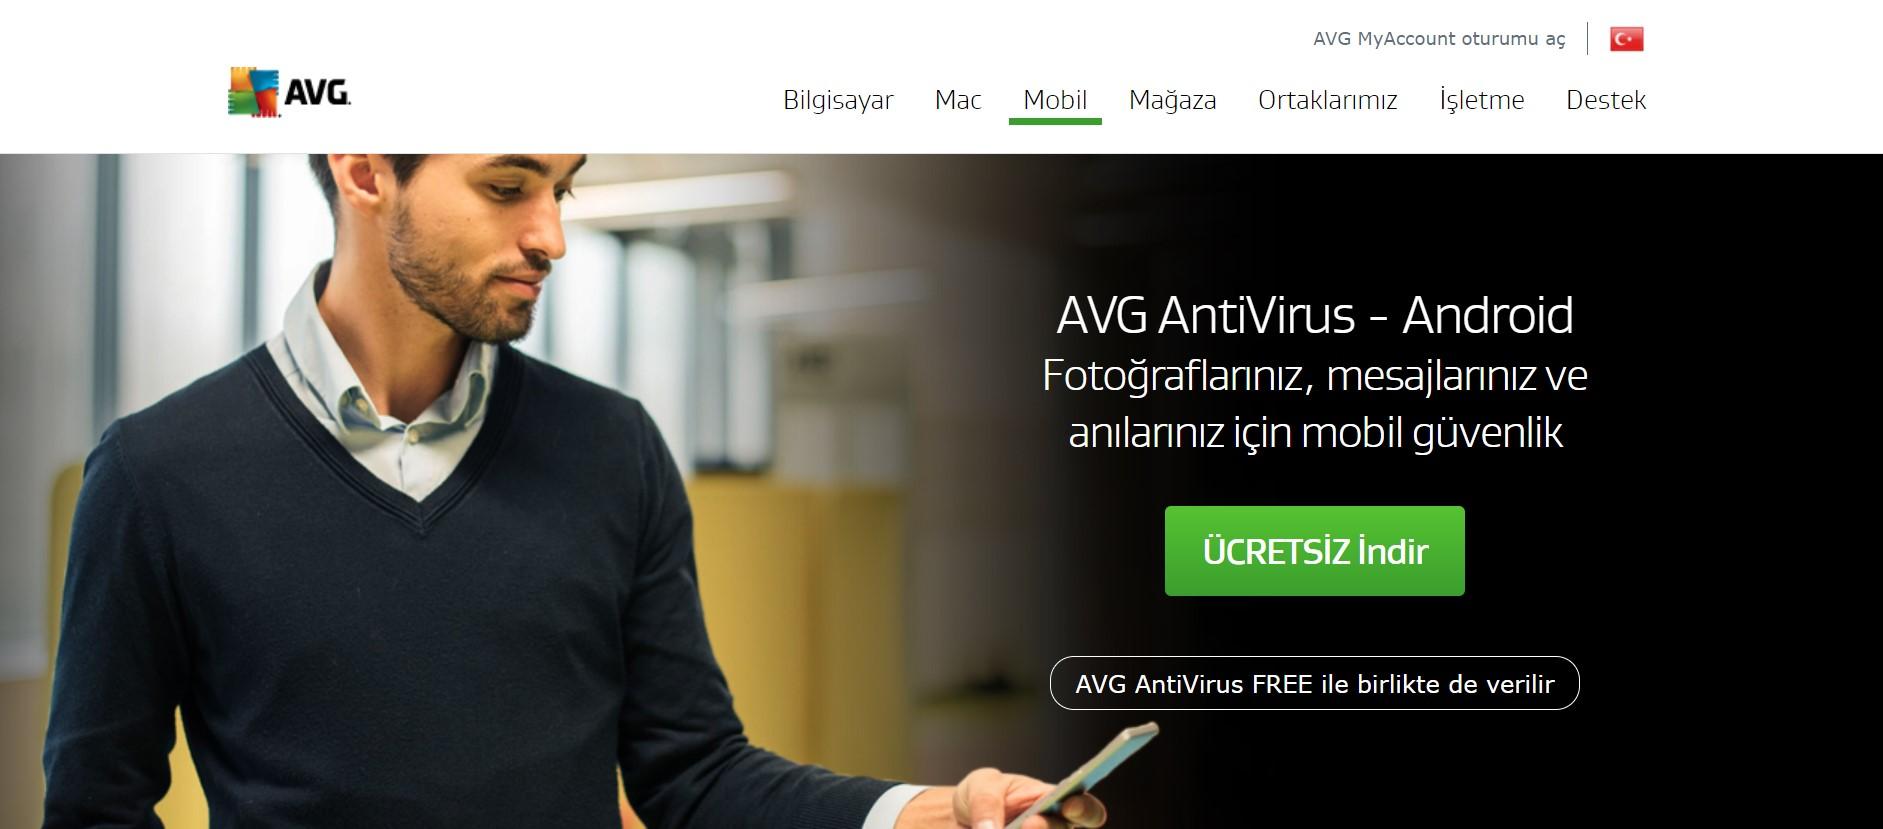 AVG web sayfası